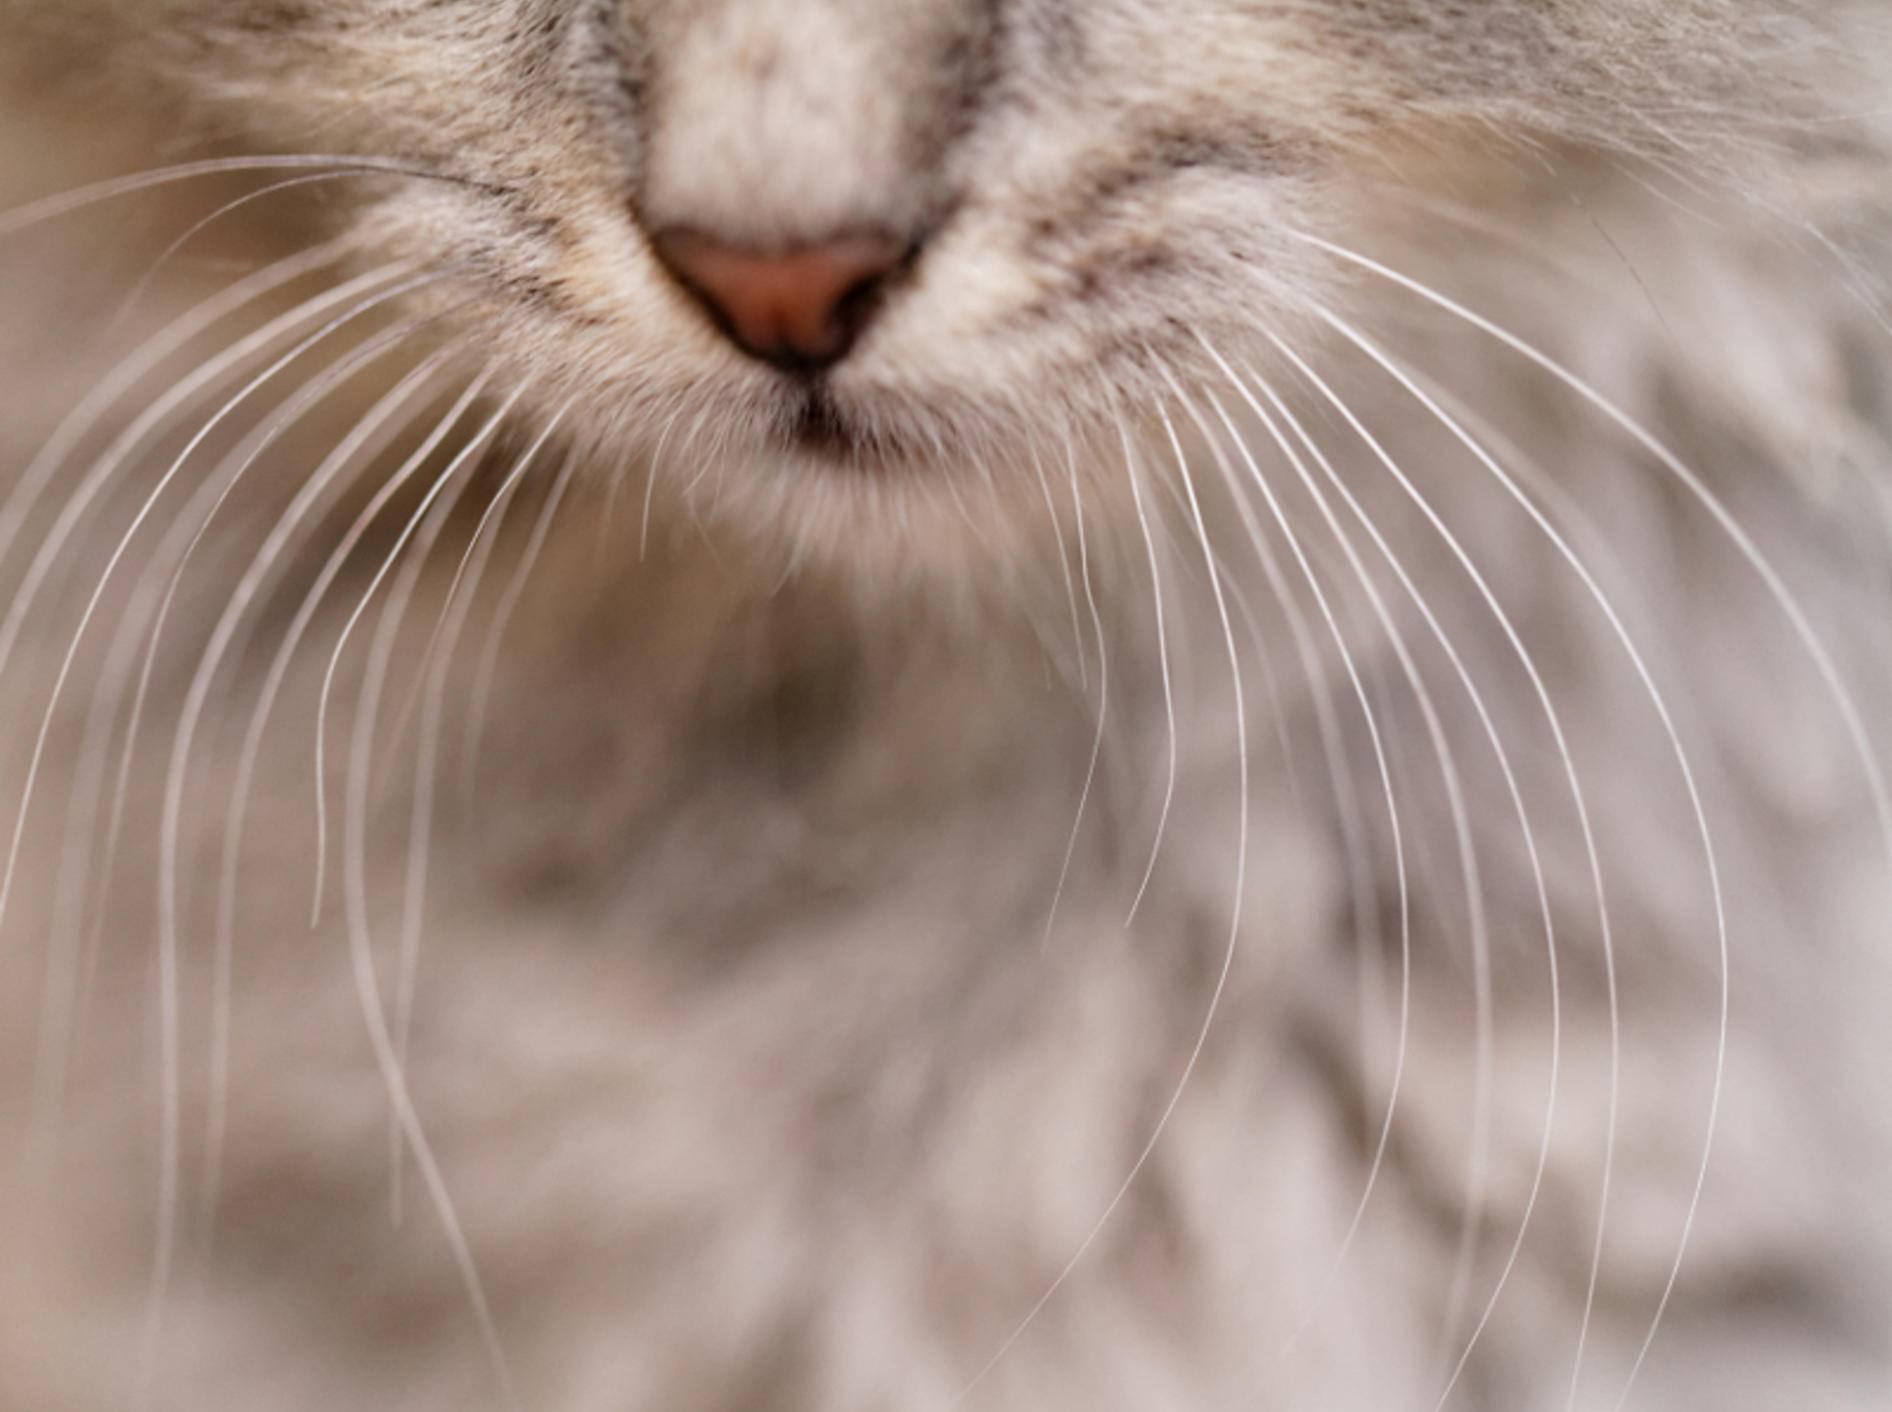 Die Tasthaare von Katzen erfüllen viele Funktionen im Katzenalltag – Shutterstock / Nneirda